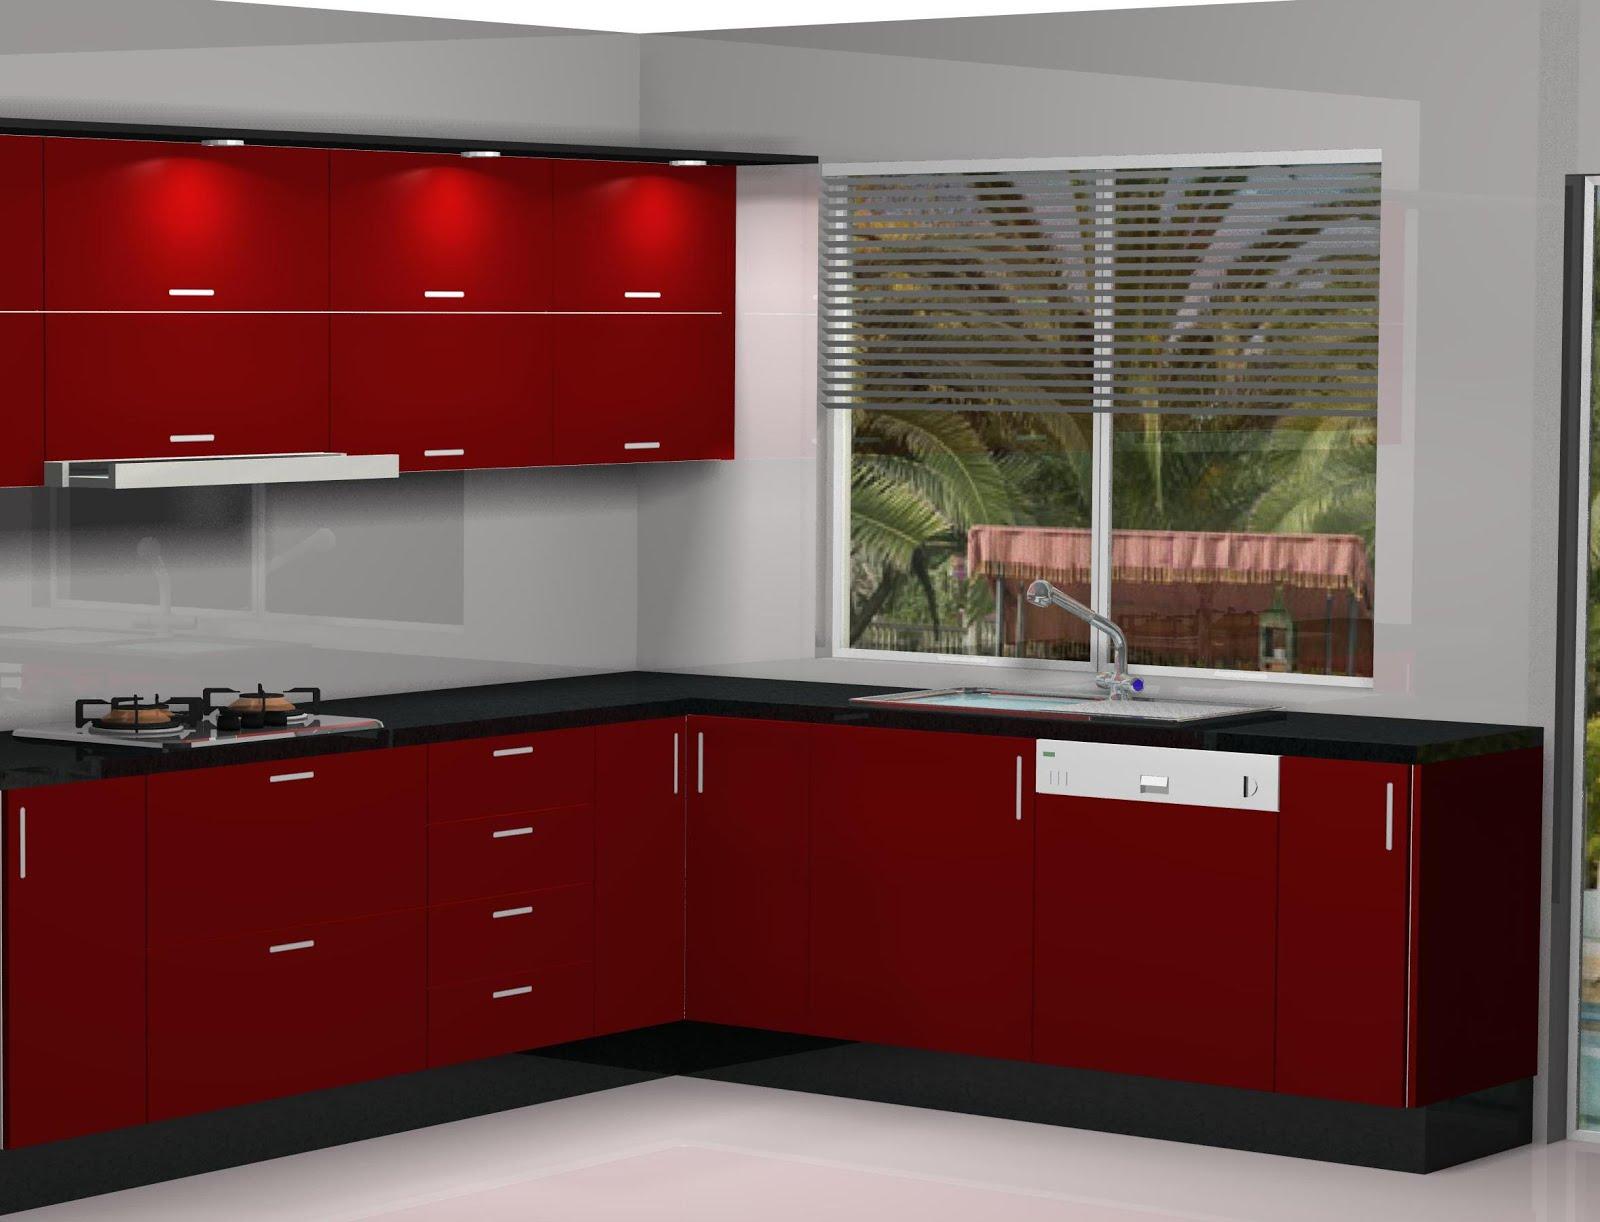 Cuisines tanger dise o de cocina en madera postformada y - Cocinas color burdeos ...